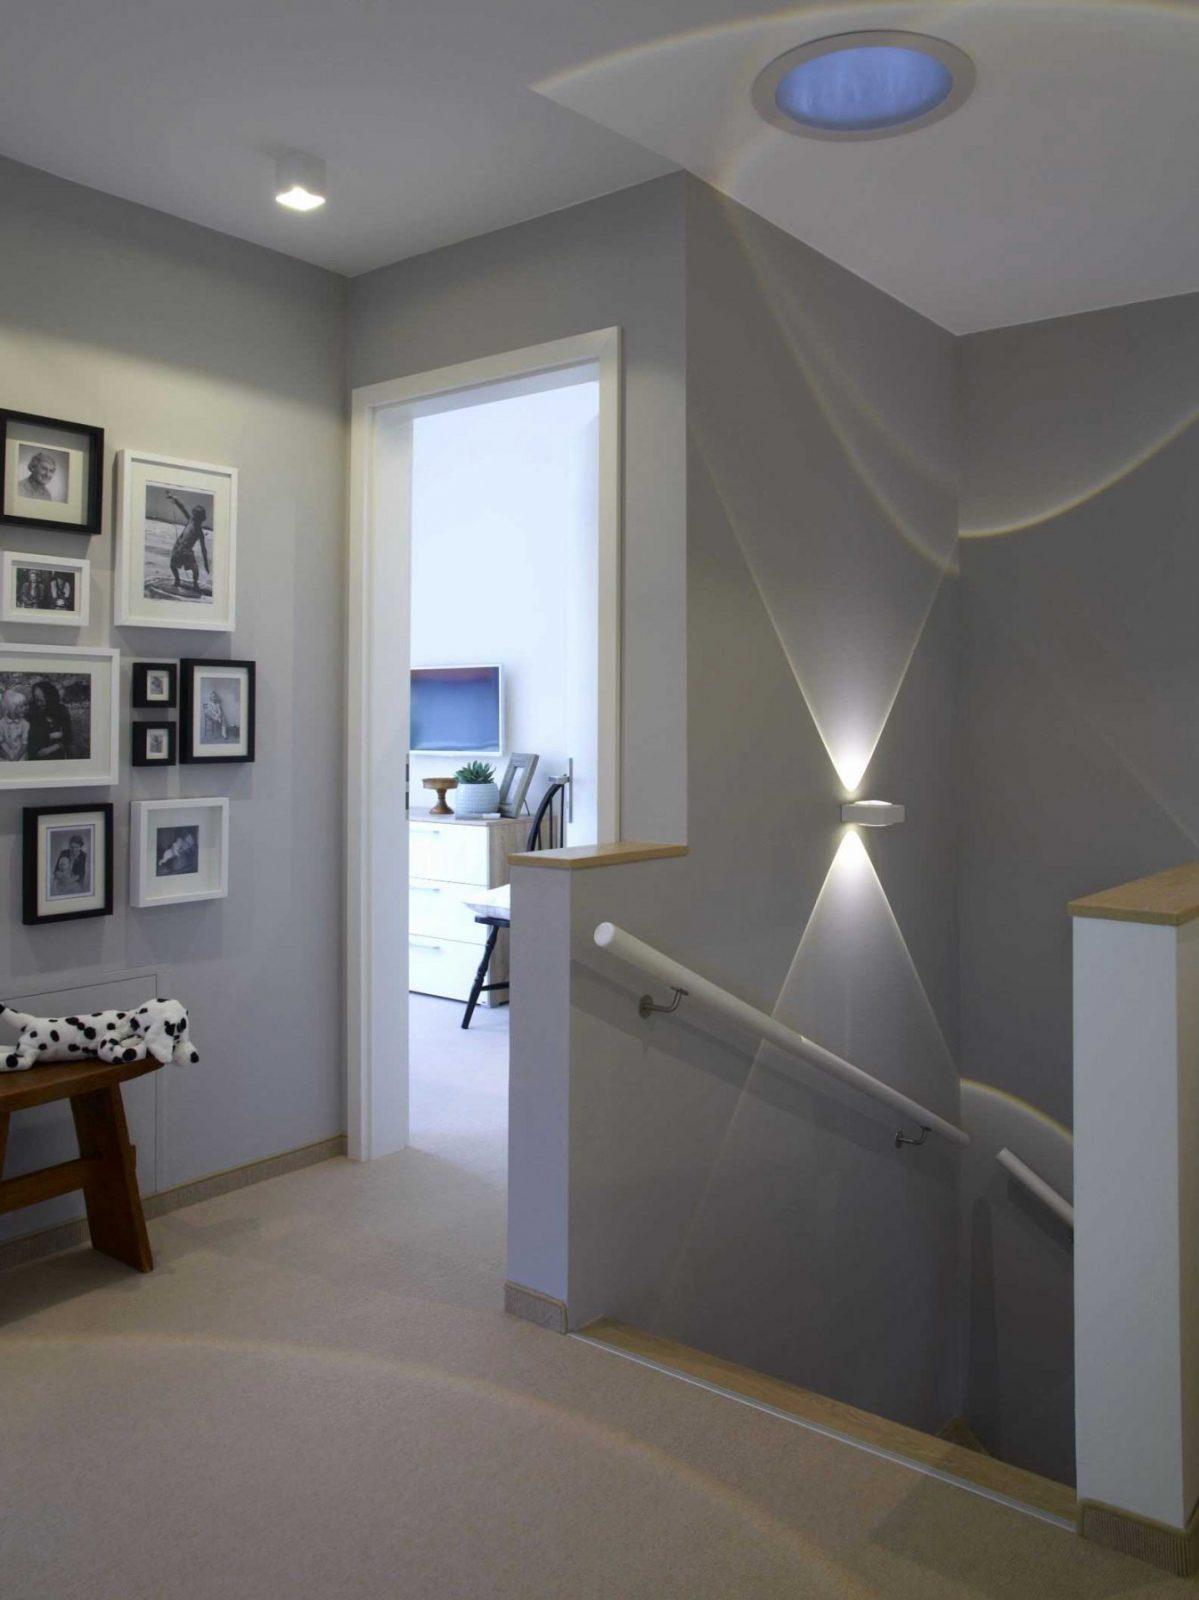 Schlafzimmer Gestalten Ideen Neu Ideen Wohnzimmer Gestalten von Moderne Schlafzimmer Ideen Bild